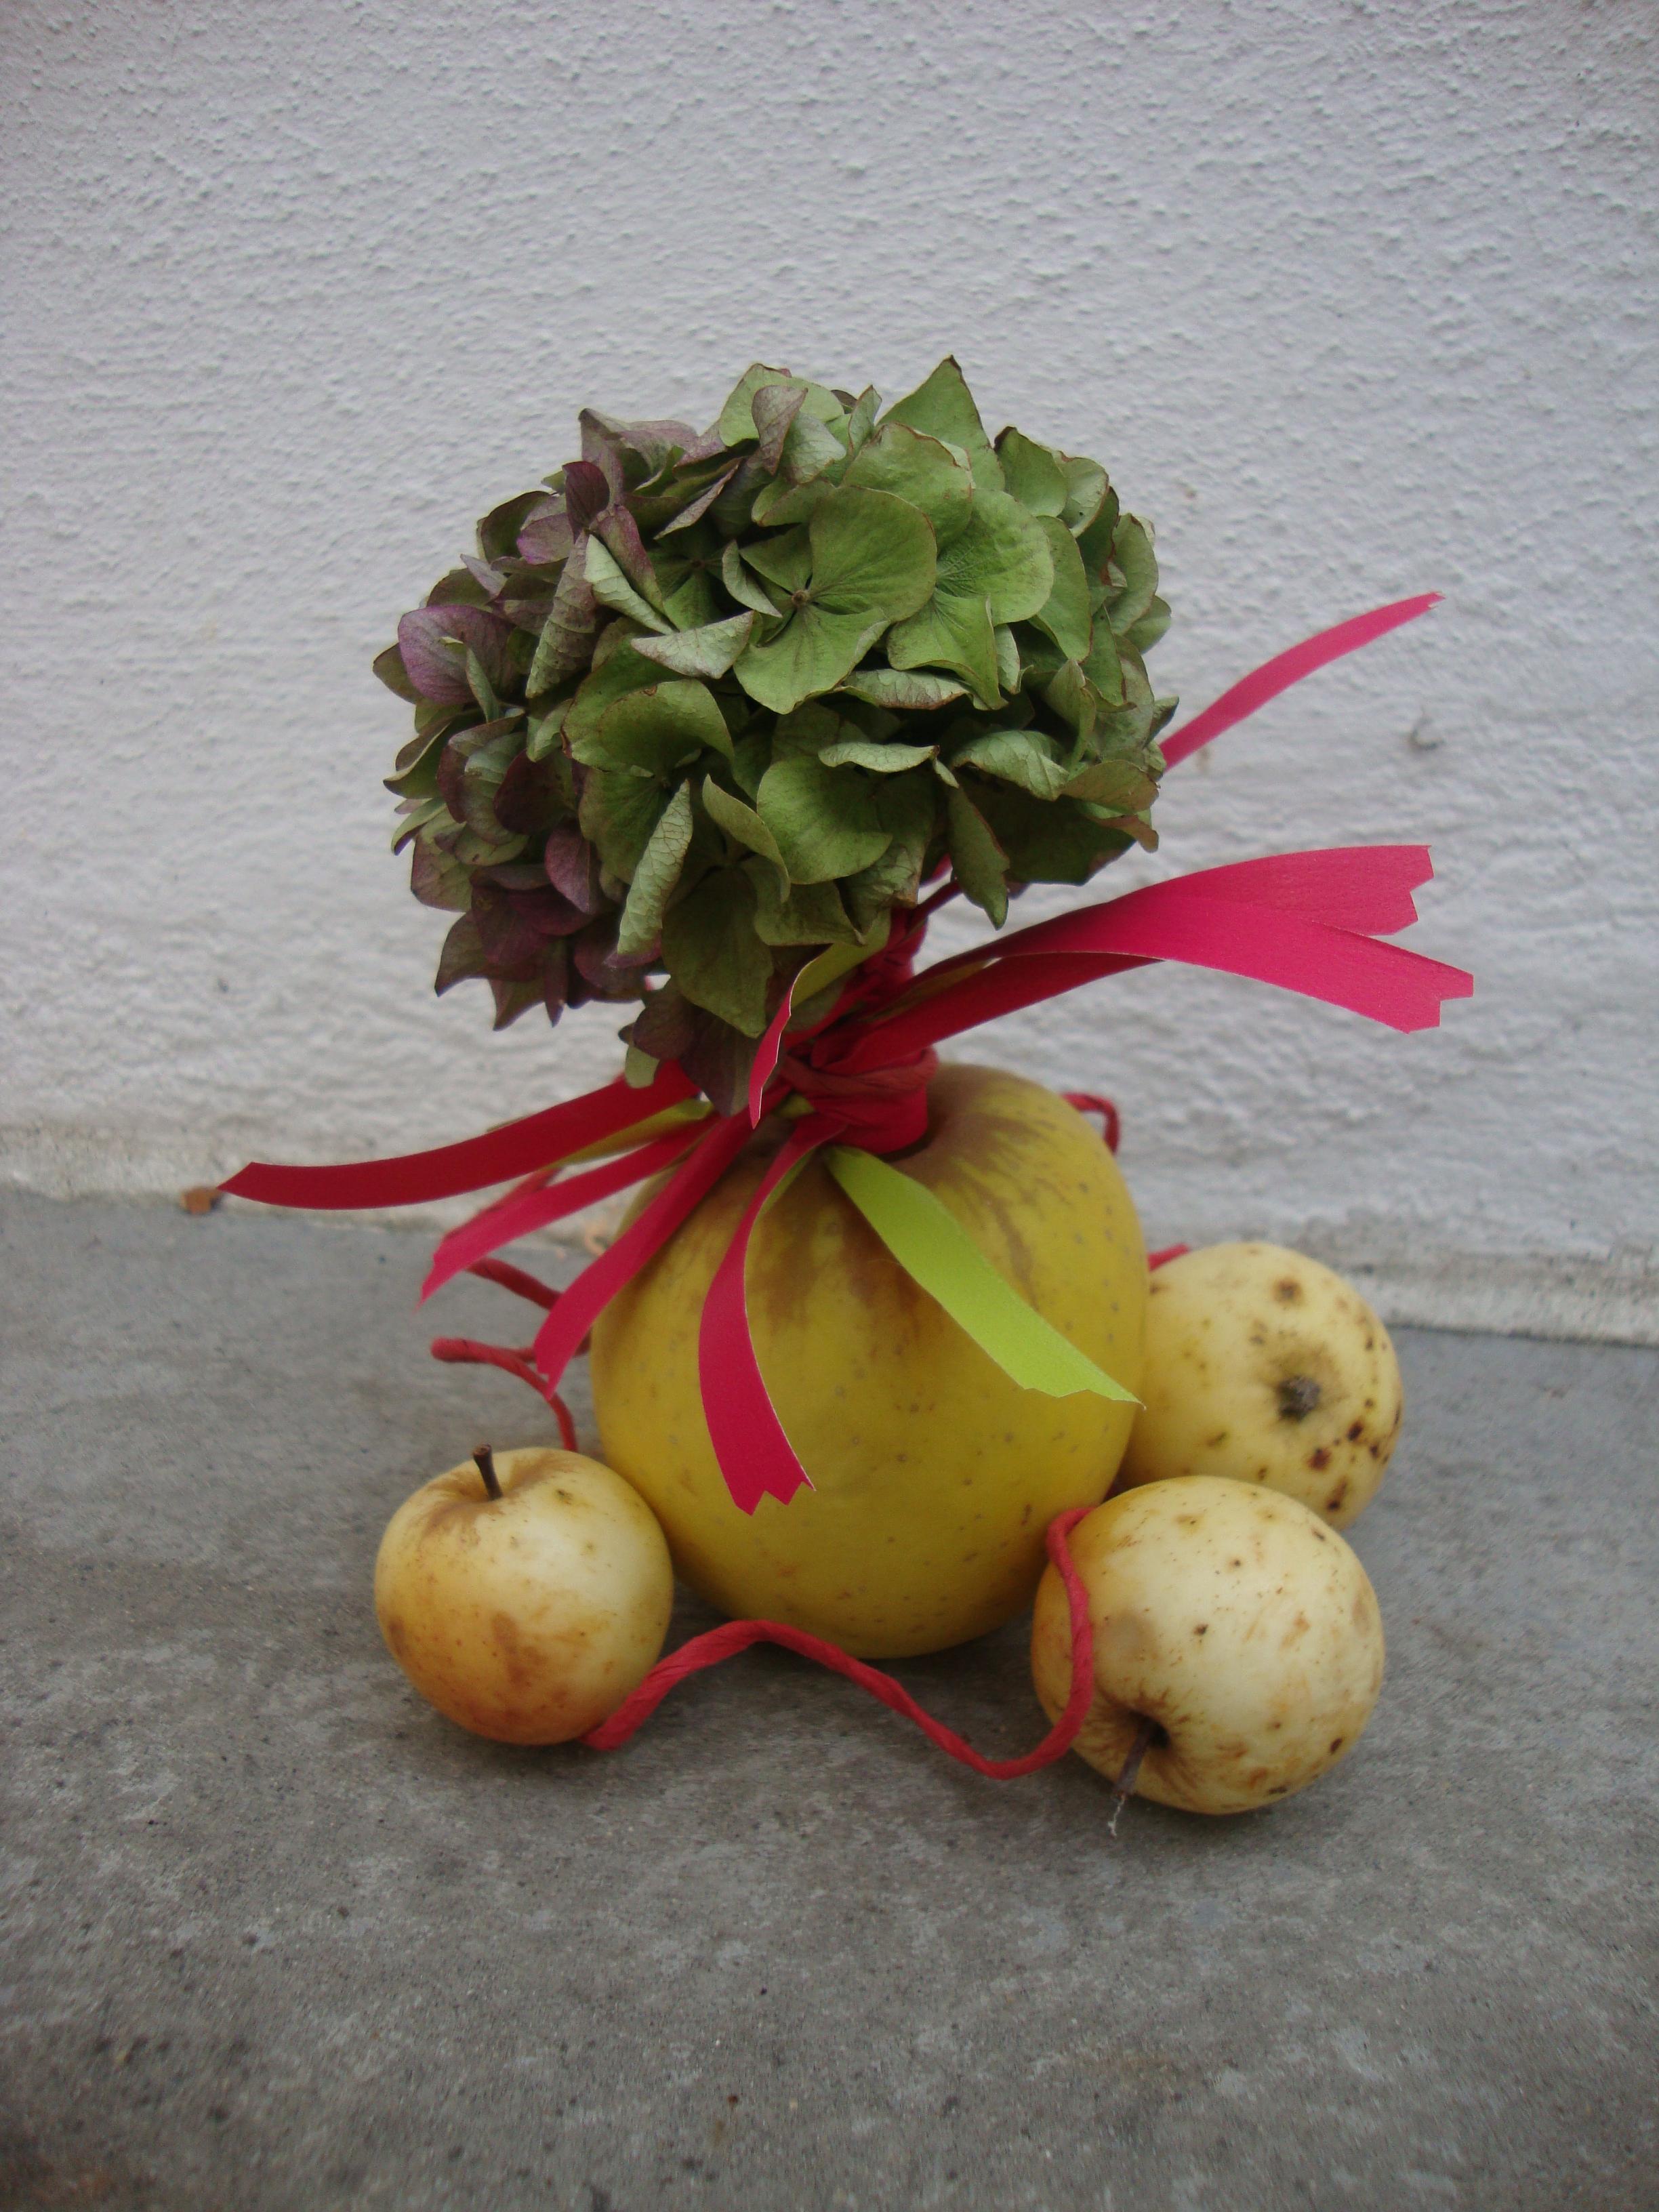 Flores galerie v nementiel d coration cours d 39 art - Cours de cuisine lorient ...